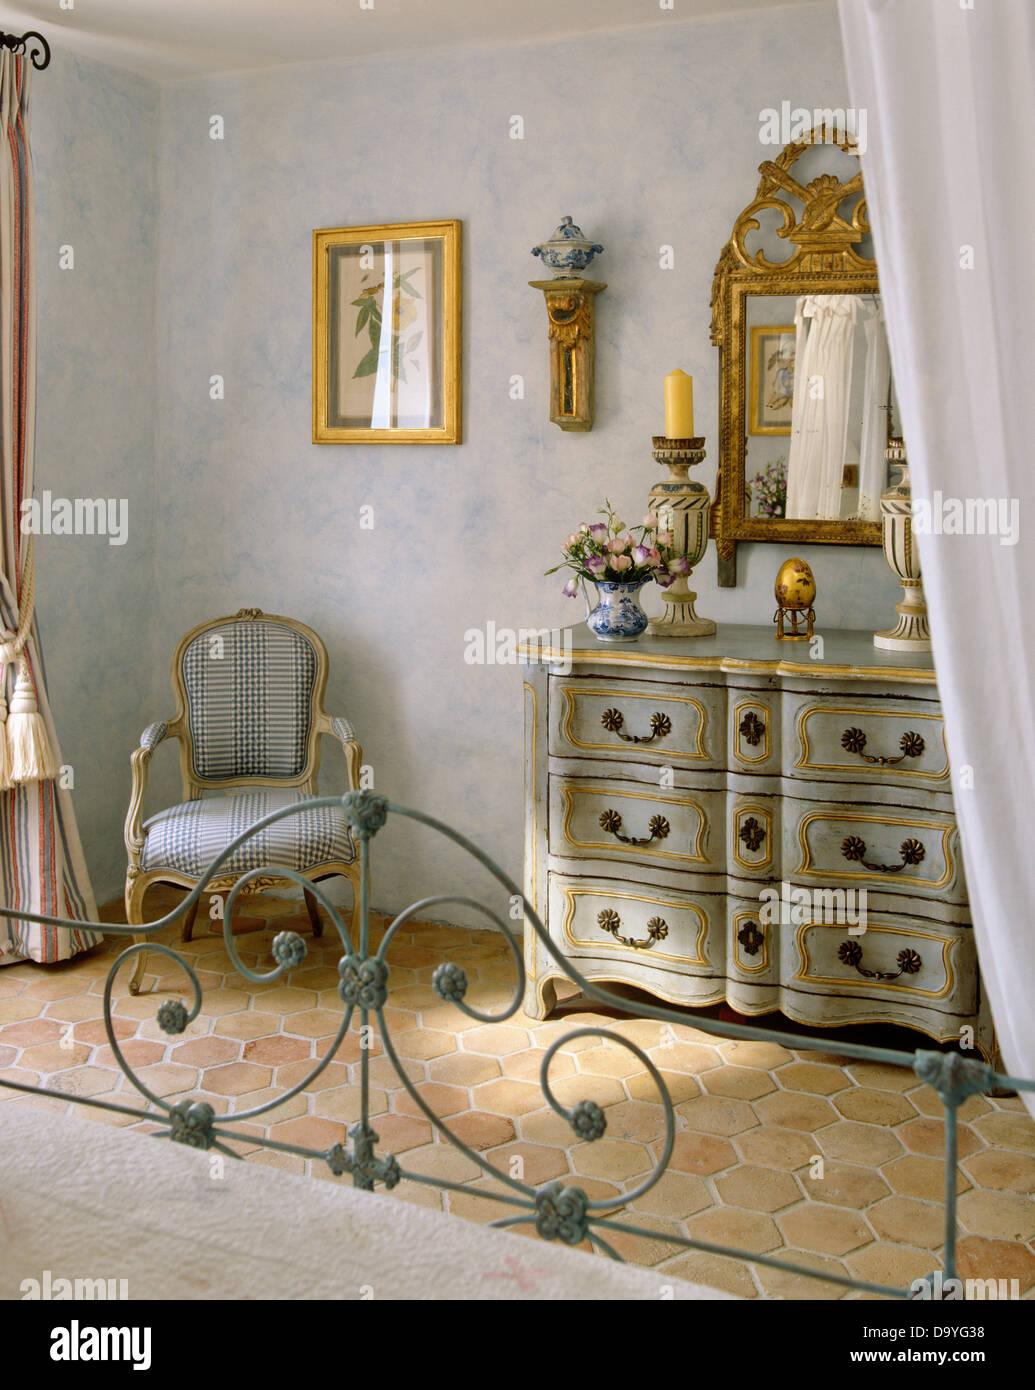 Schmiedeeisernes Bett In Blass Grau Französischer Landhaus Schlafzimmer Mit  Verzierten Vergoldeten Spiegel Oben Lackiert Blass Grau +  Vergoldete Des Kommode